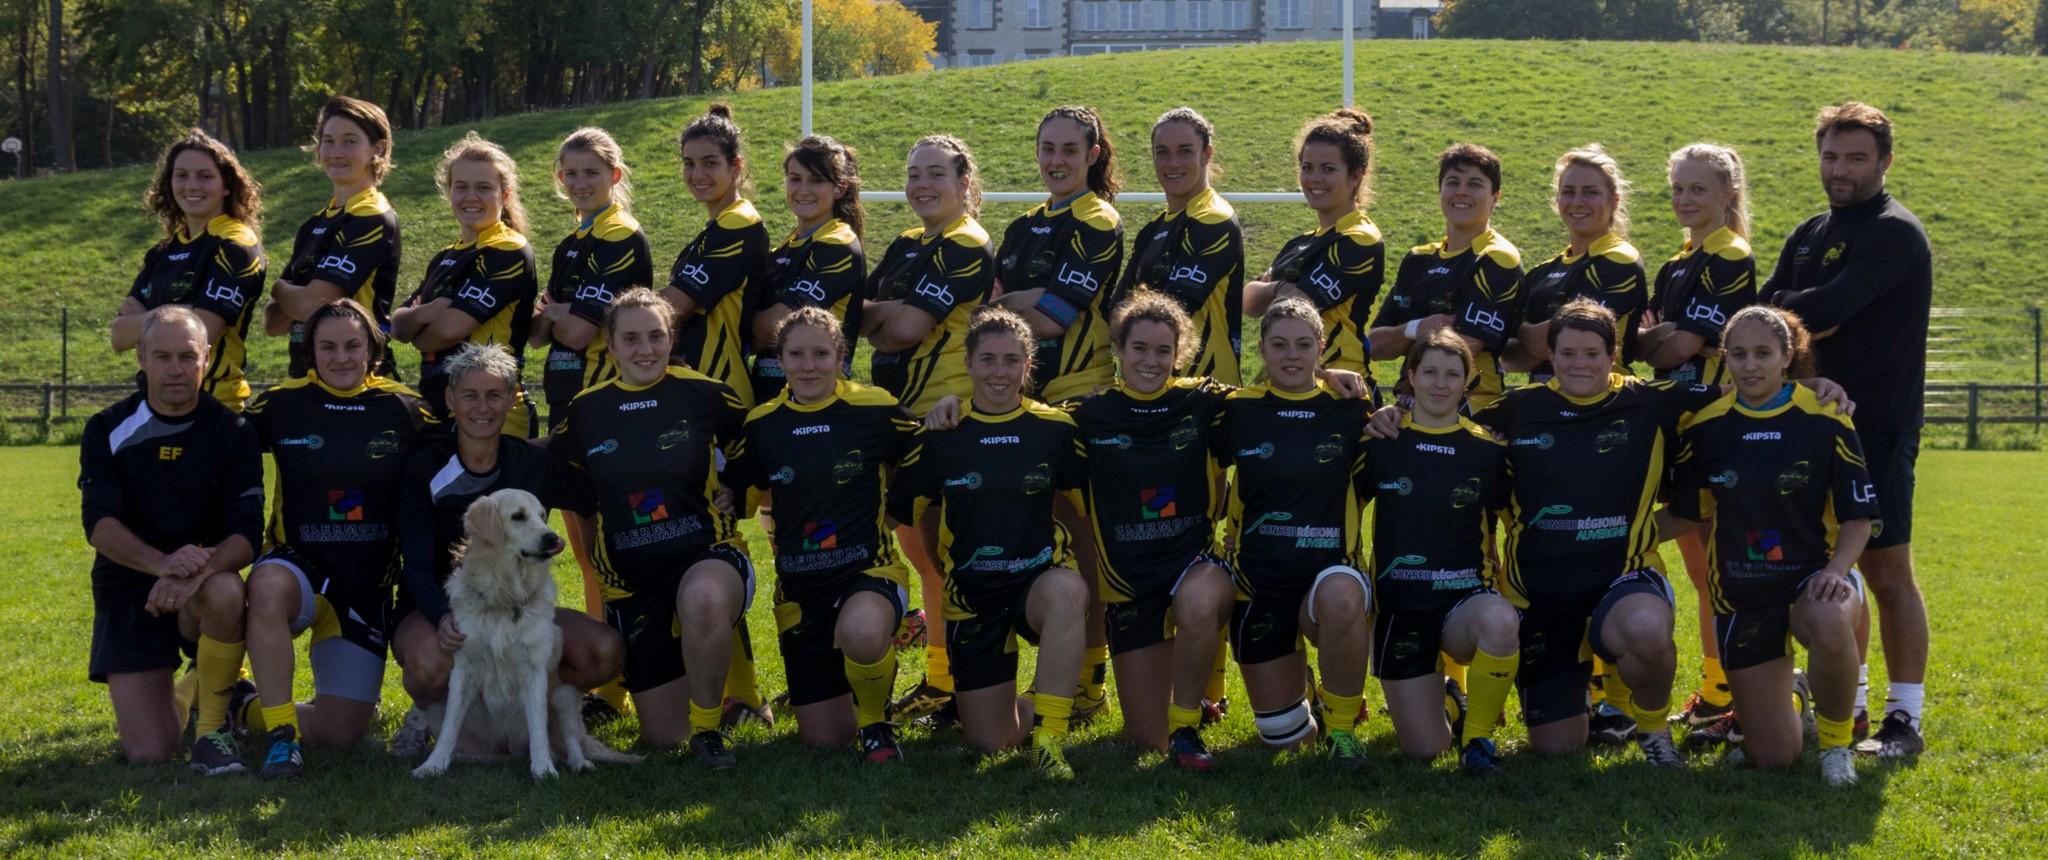 Equipe Elite 2015/2016